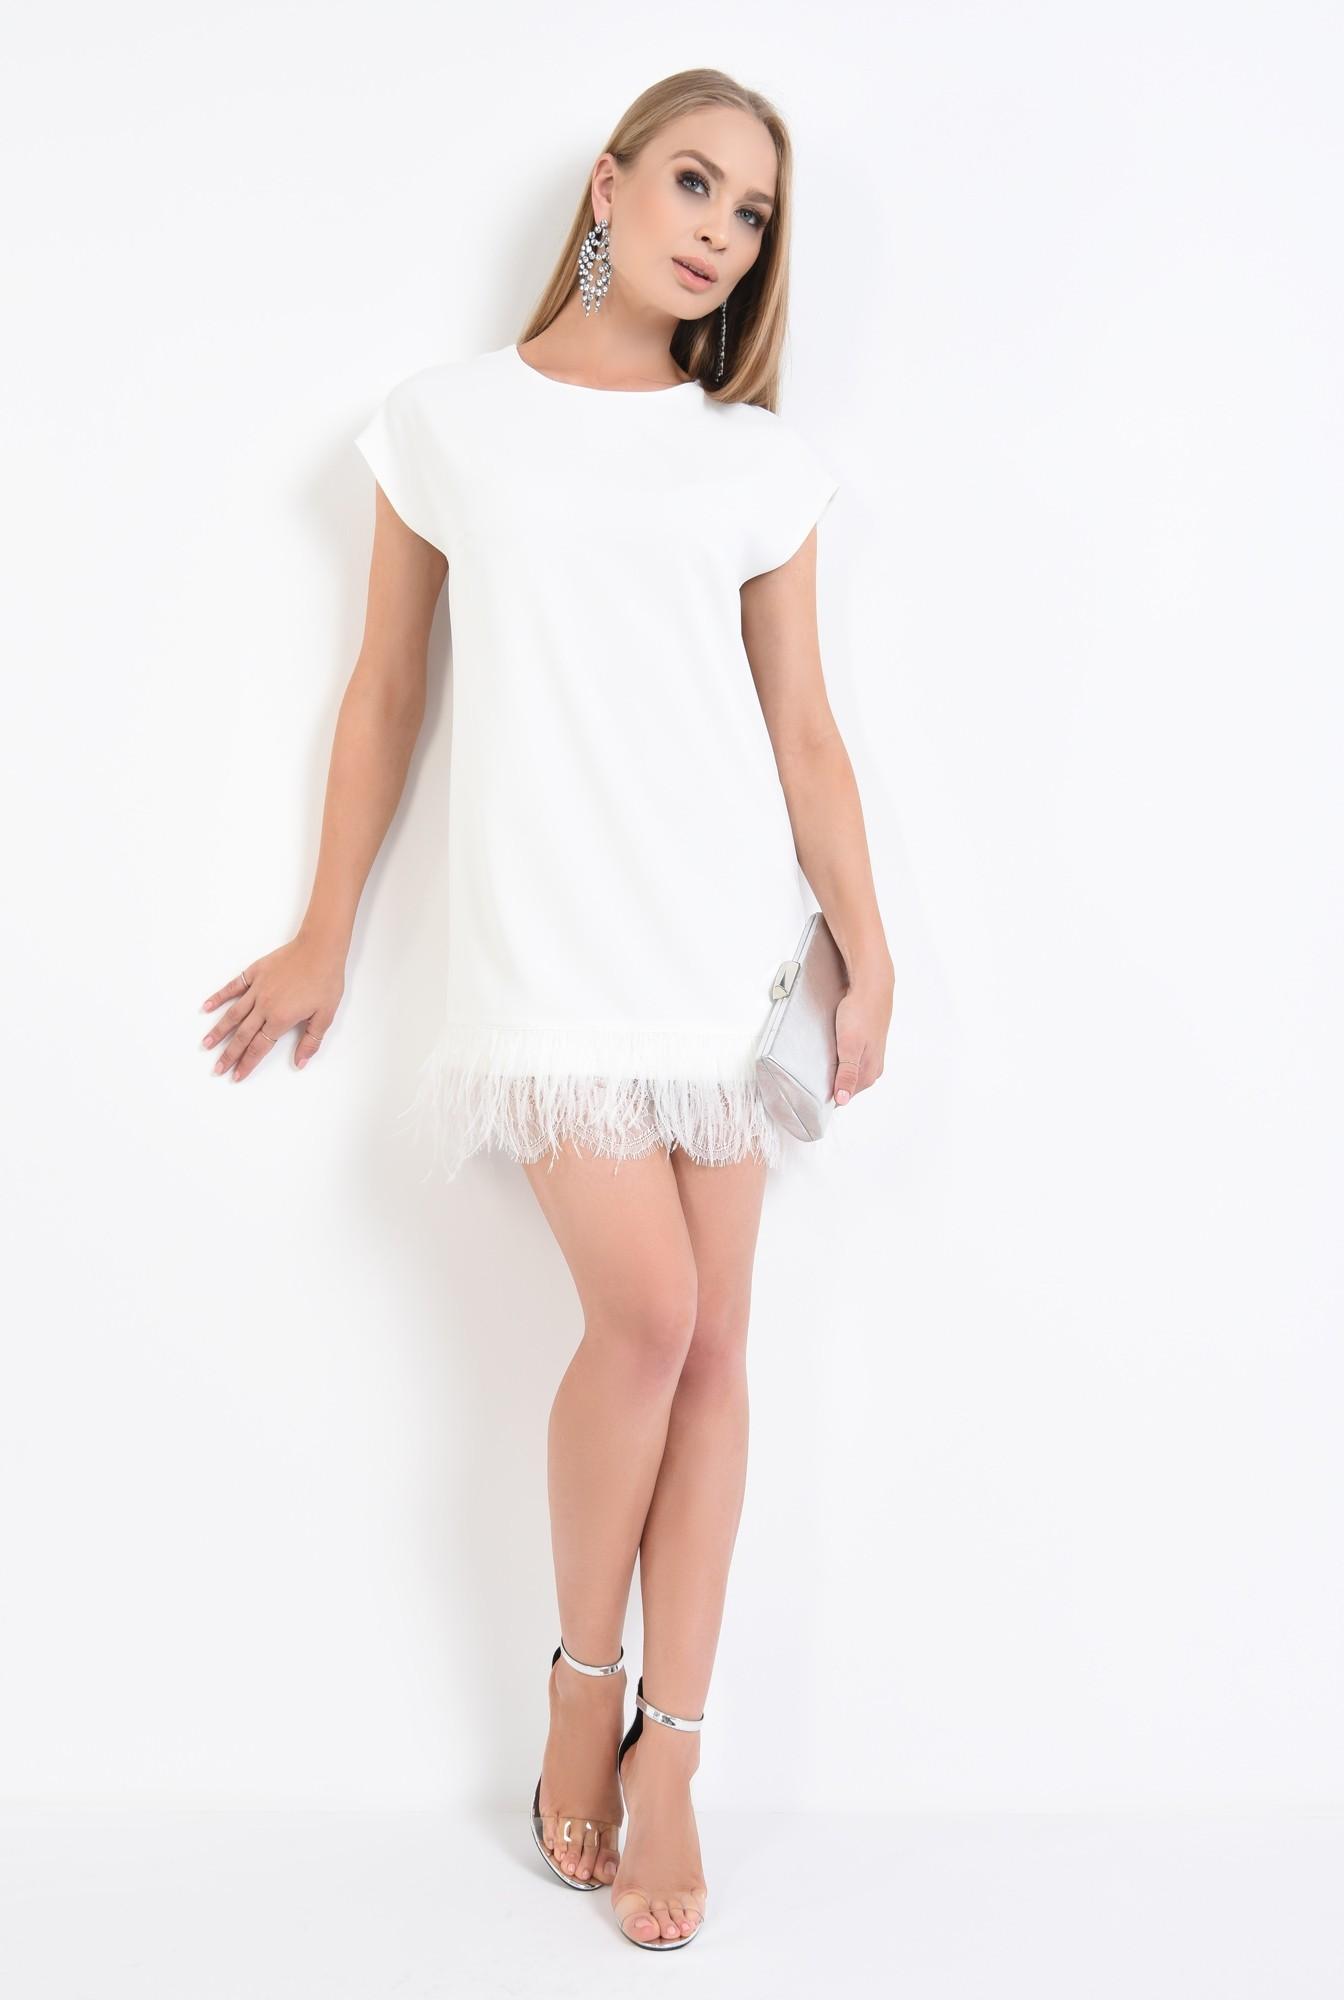 3 - rochie eleganta, scurta, alba, pene de strut